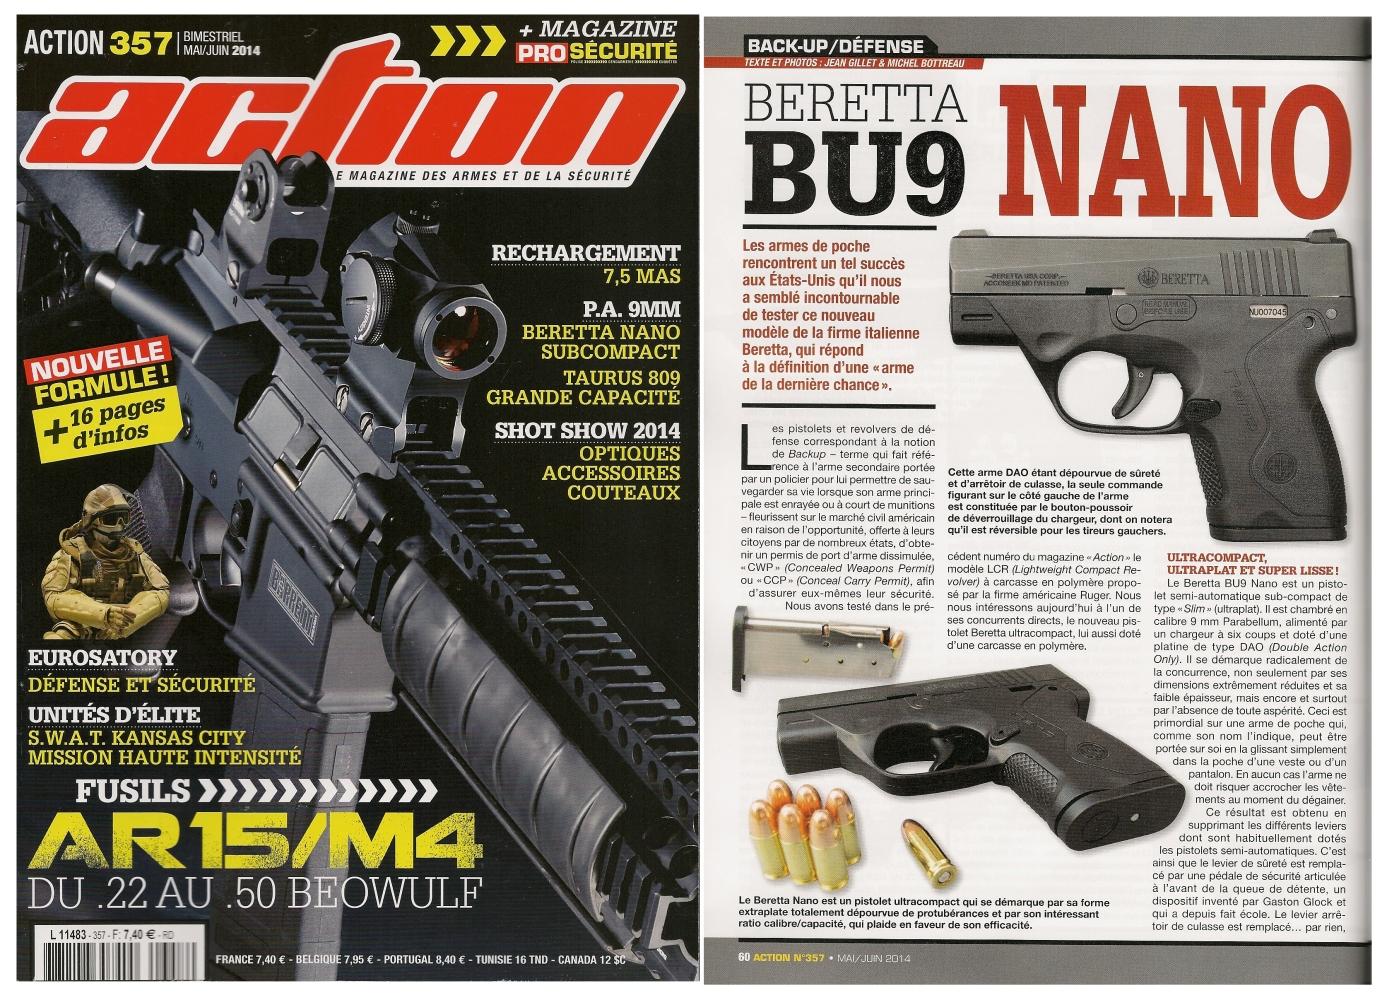 Le banc d'essai du pistolet Beretta BU9 Nano a été publié sur 6 pages dans le magazine Action n°357 (mai-juin 2014)